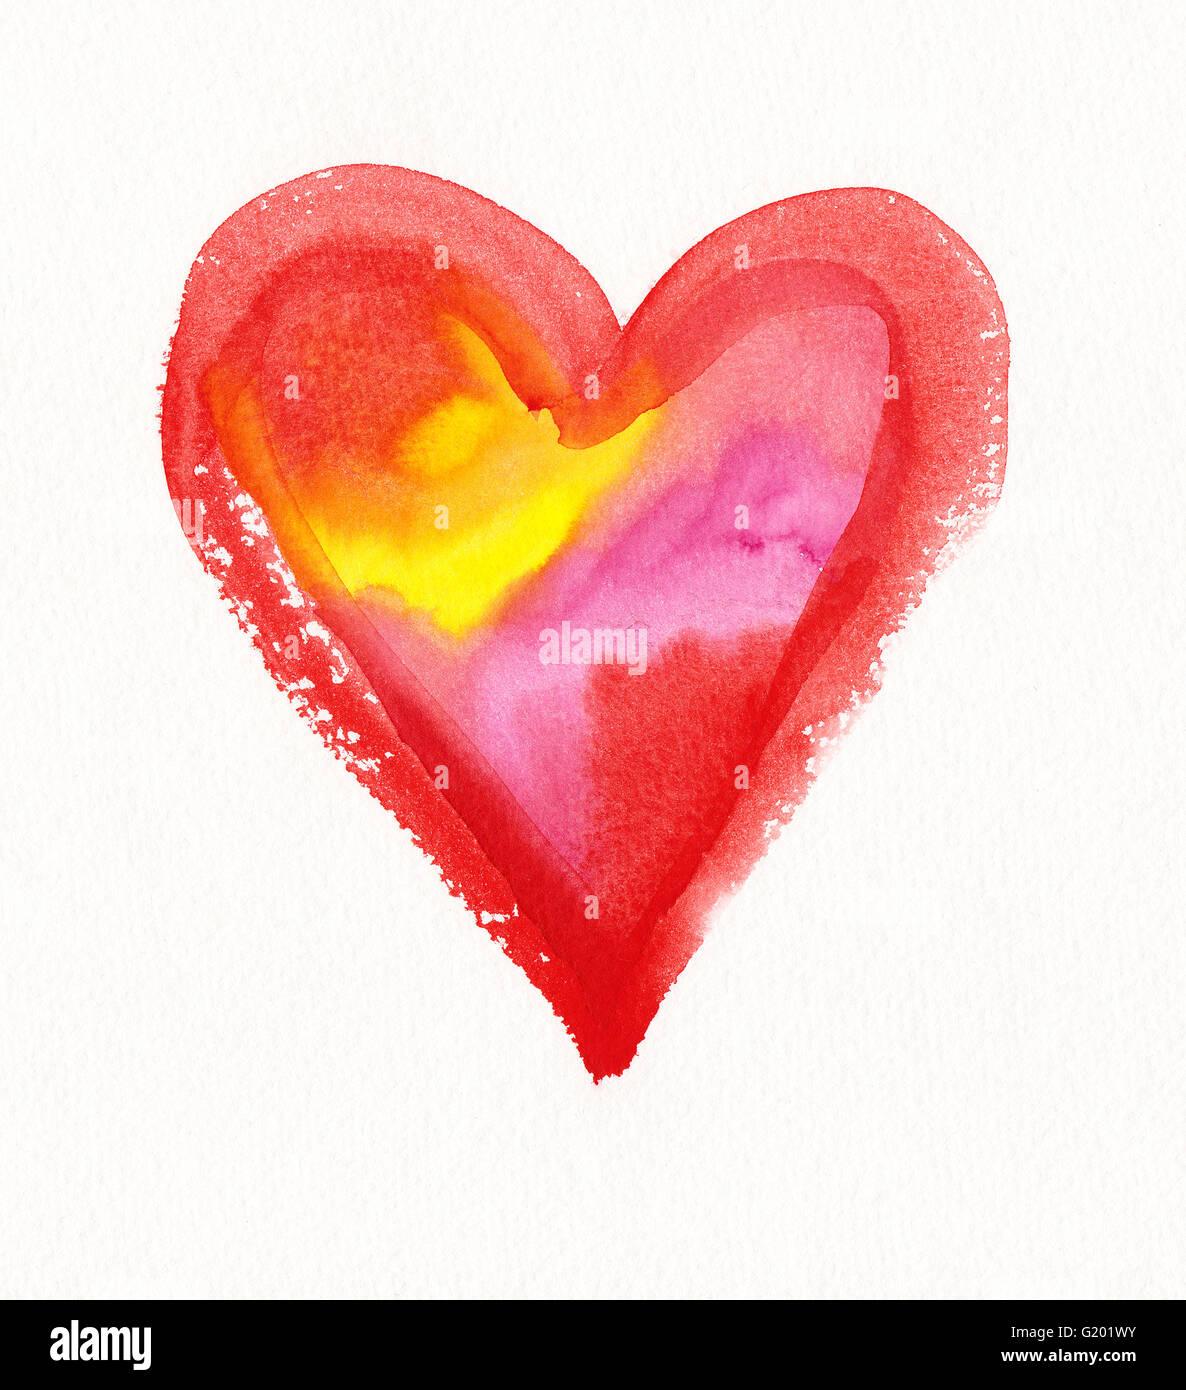 Coeur rempli de couleurs aquarelle Photo Stock